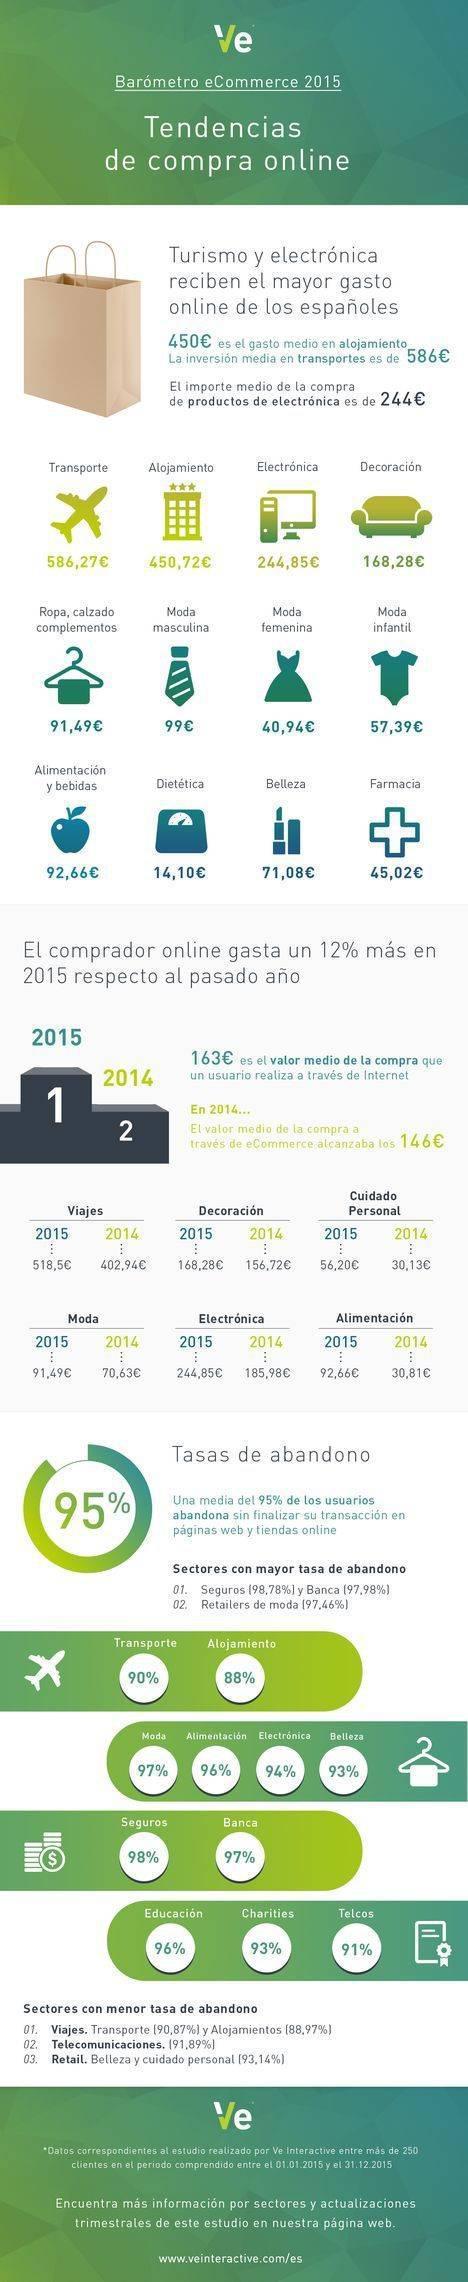 Los españoles gastan una media de 163€ por cesta en sus compras online